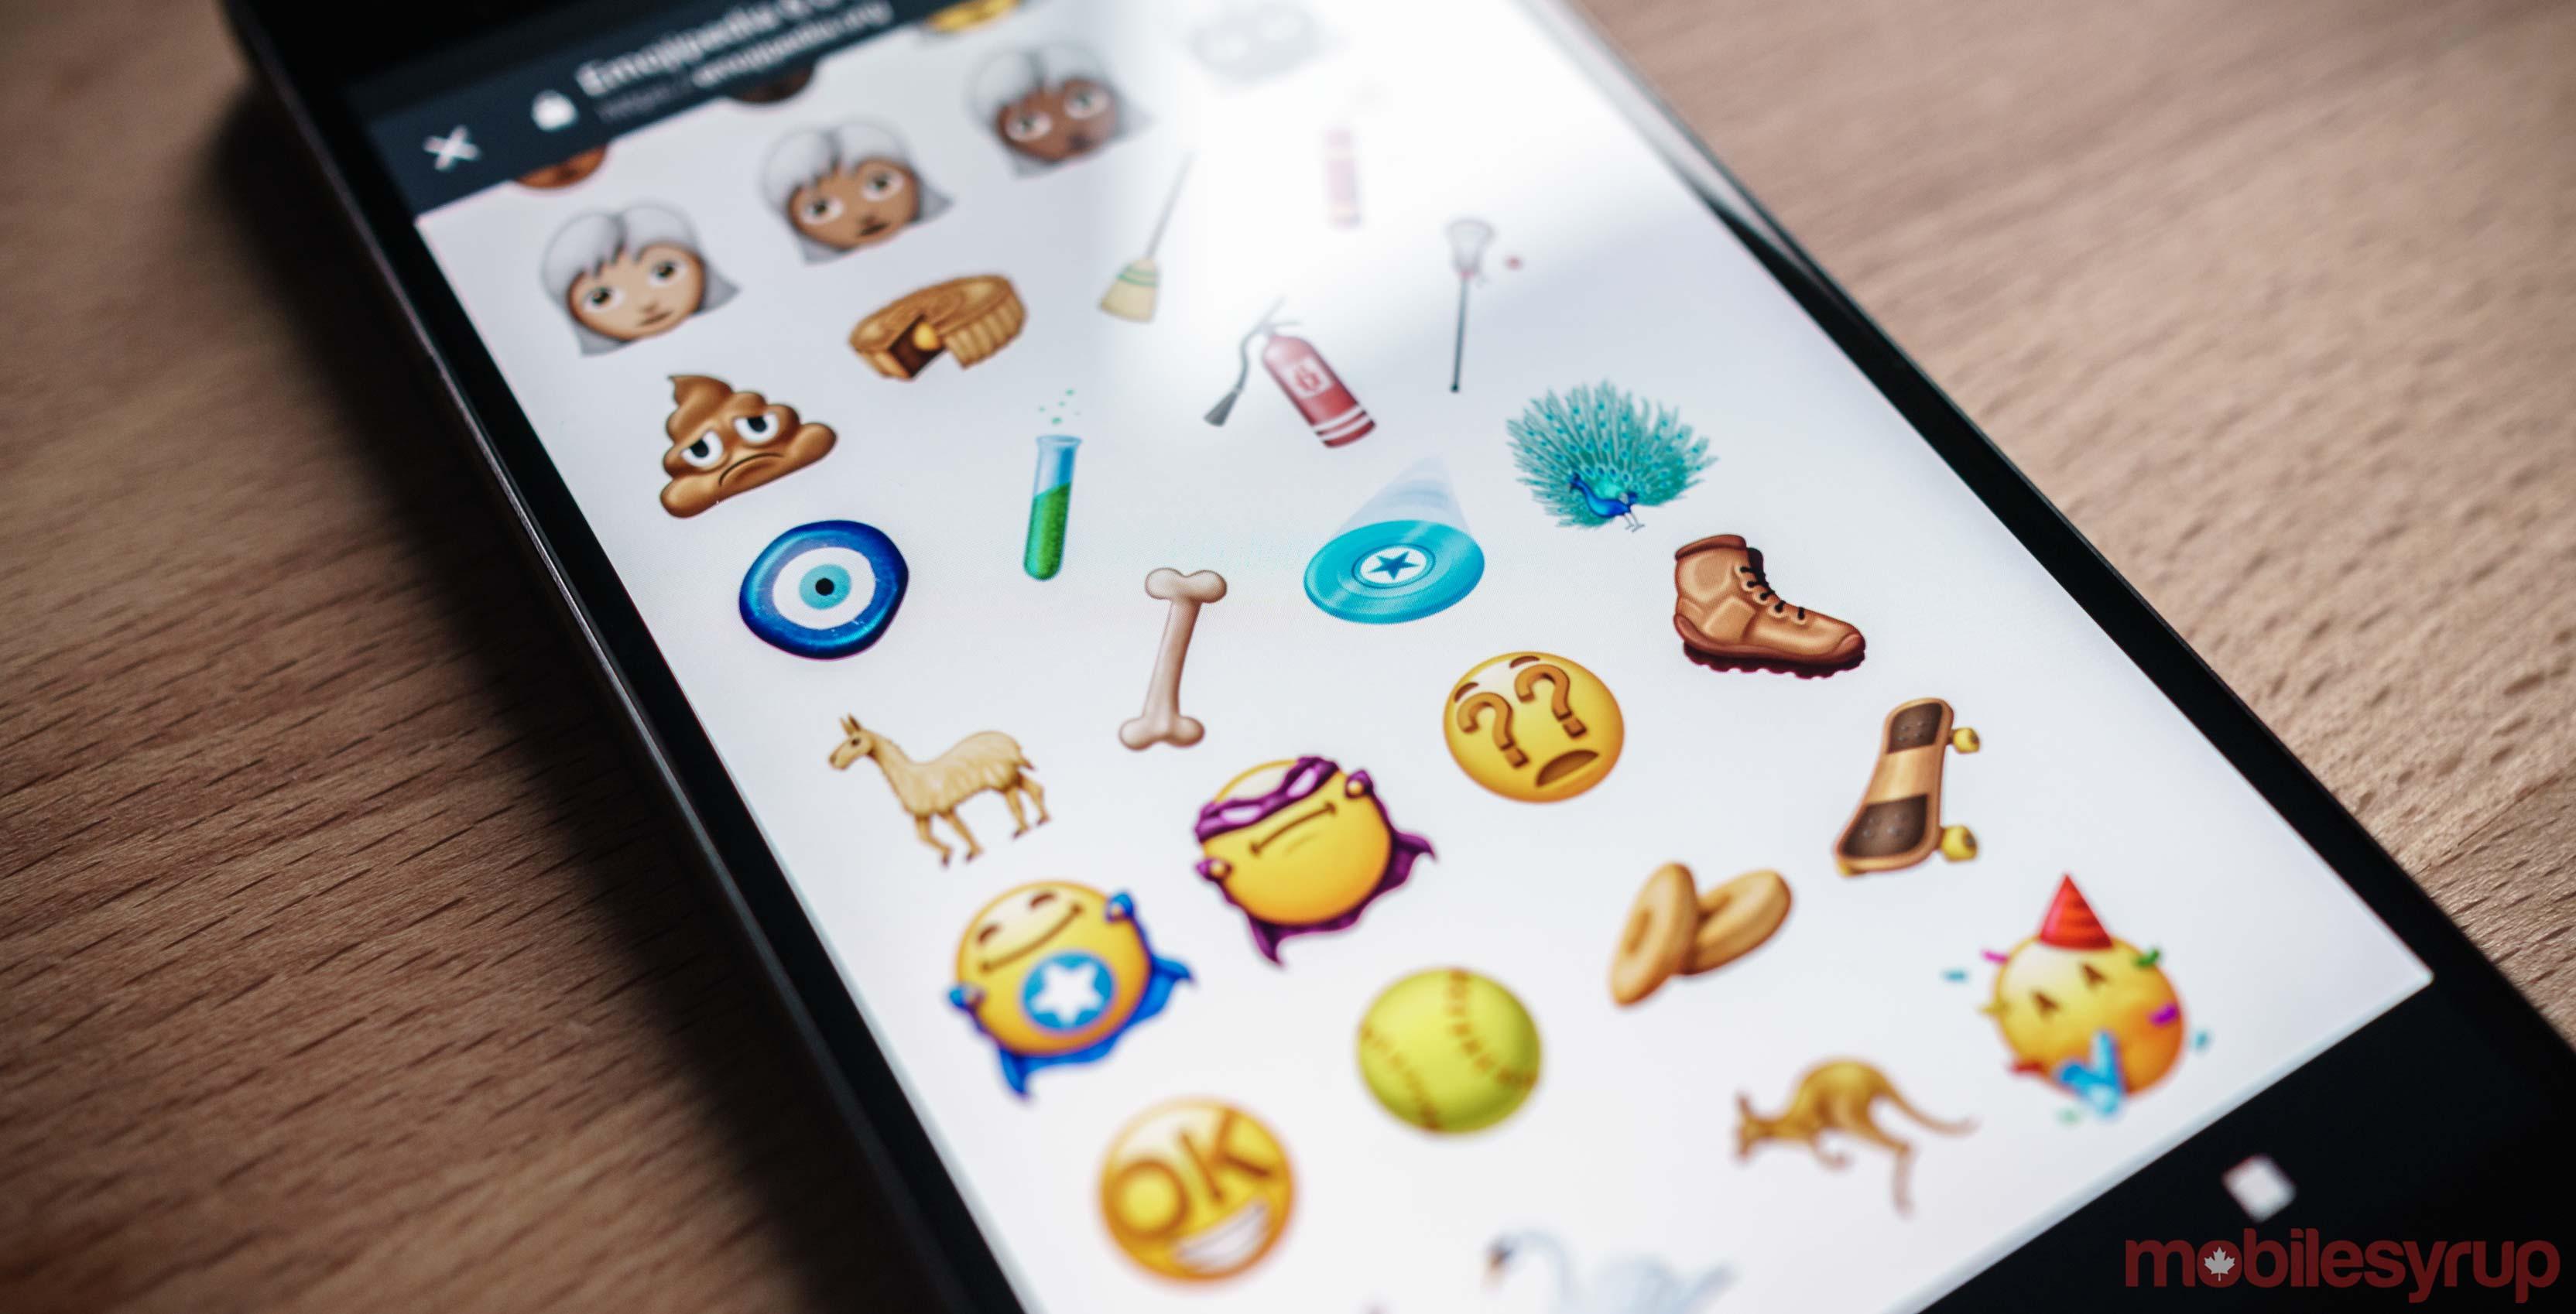 Unicode 11 Emoji